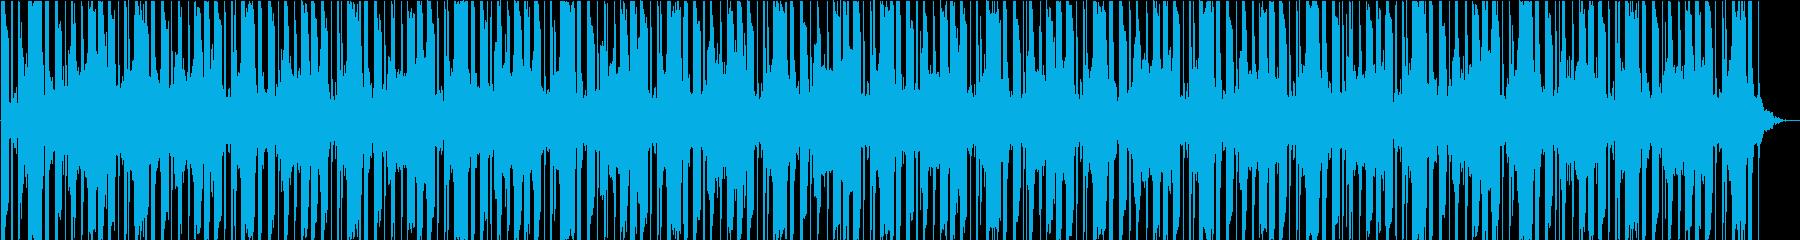 シーケンス 電子ビートダーク01の再生済みの波形